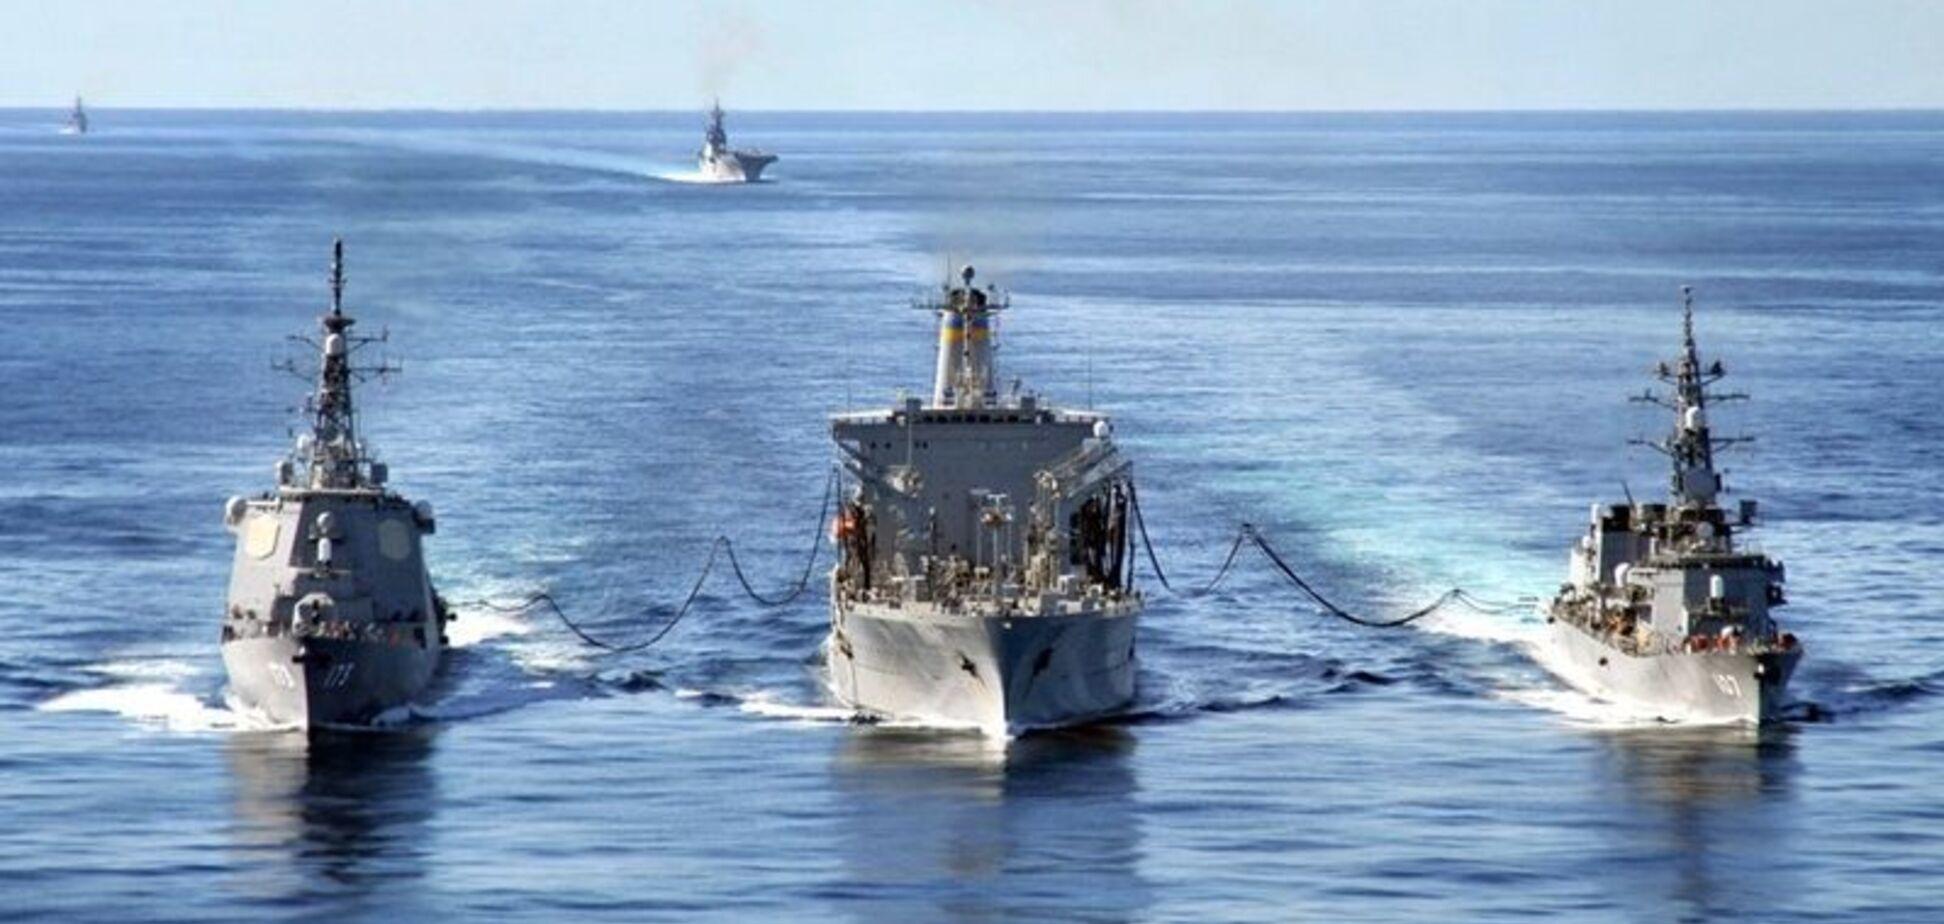 Путин отдал Зеленскому корабли: стало известно неожиданное место прибытия в Украину